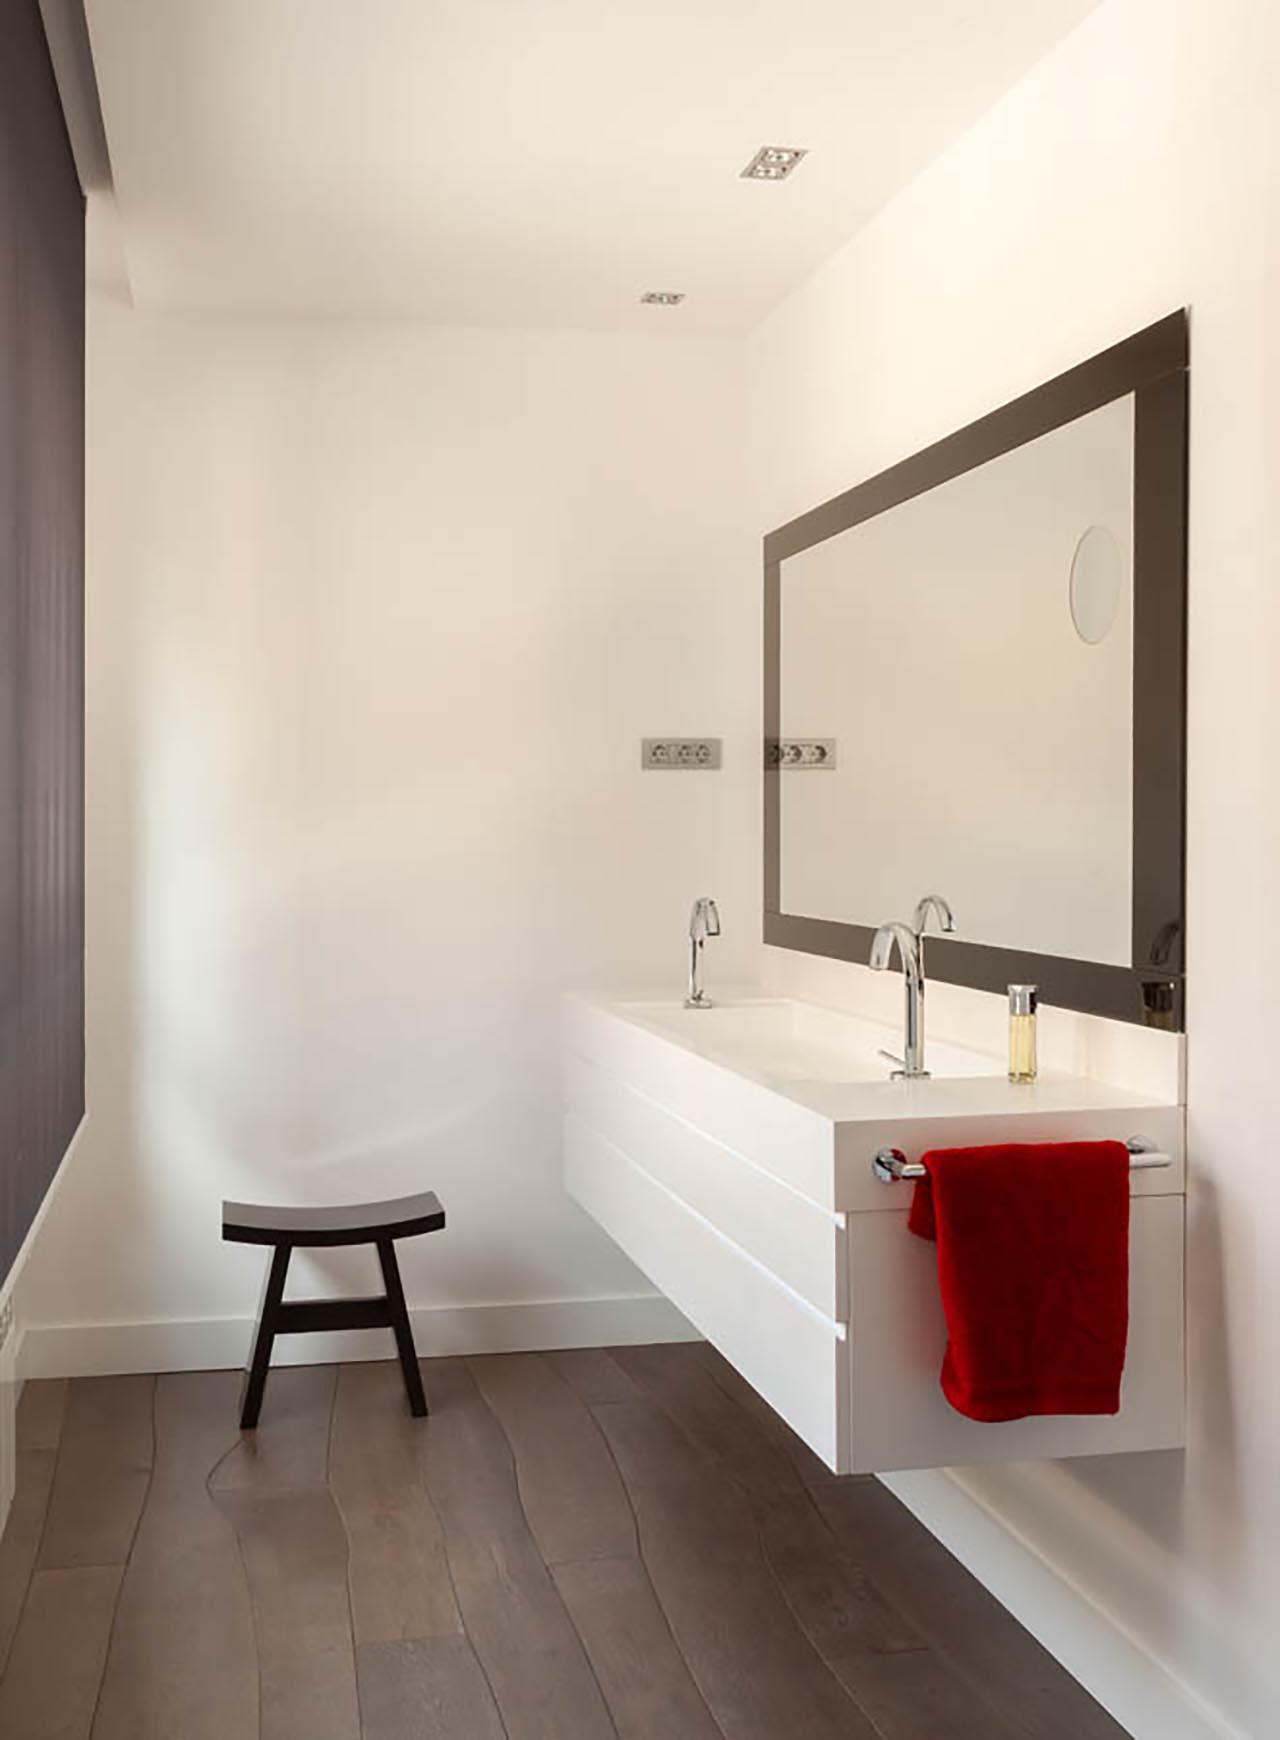 10.-Lavabo bano principal diseno mueble y lavabo